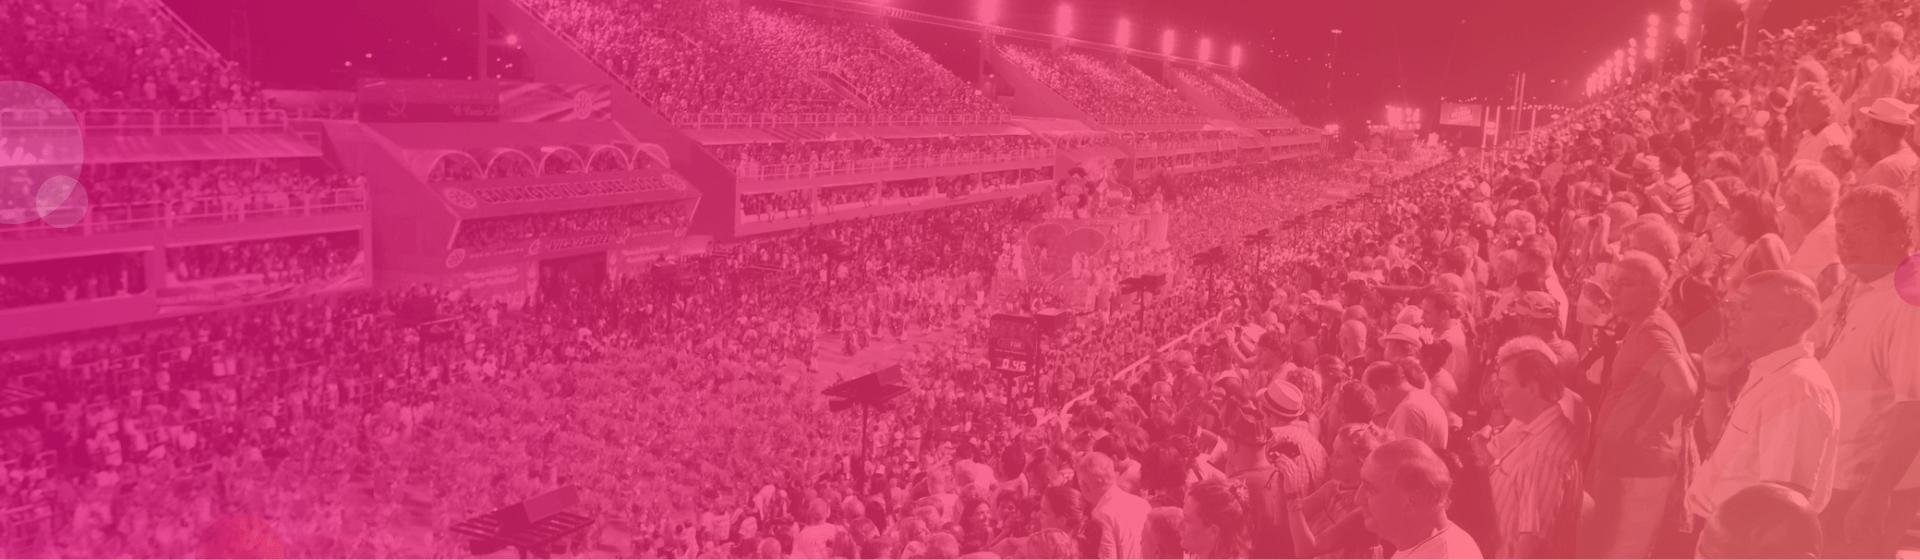 Escolha o melhor ingresso para o Carnaval do Rio